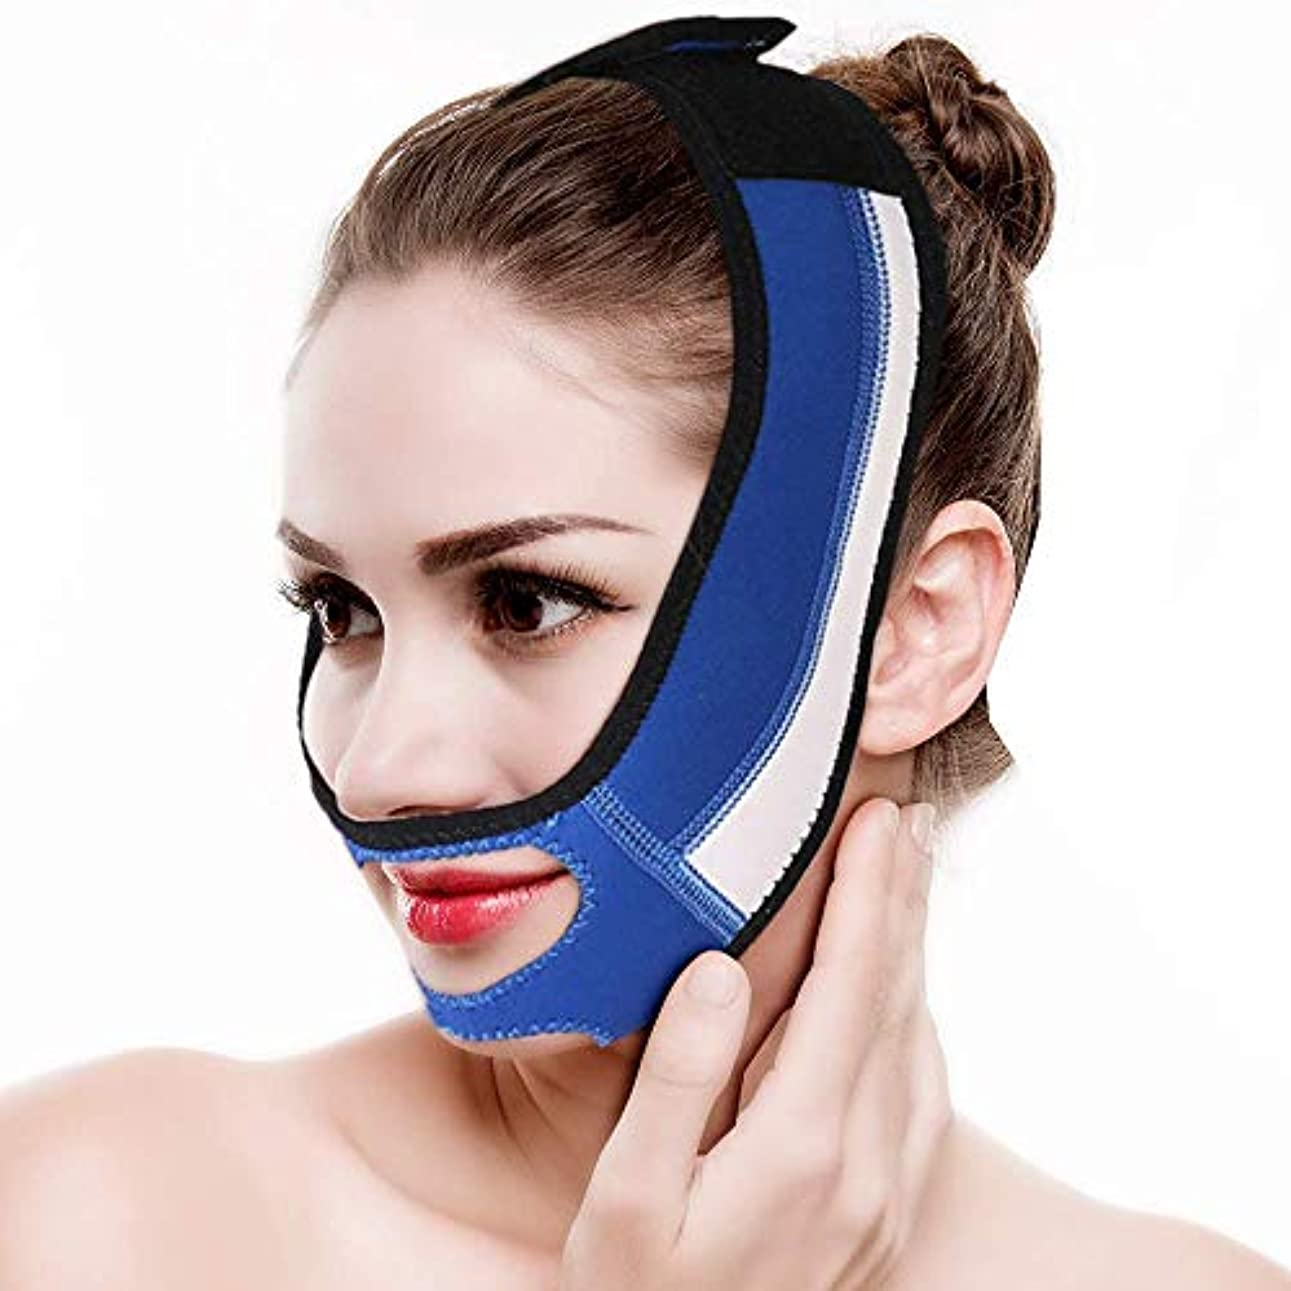 パンツ偶然壊滅的なVフェイススリミングチークマスク、フェイススリム睡眠のためのストラップベルトを引っ張る口リラクゼーションを削除するスキン包帯二重あごを締め持ち上げ